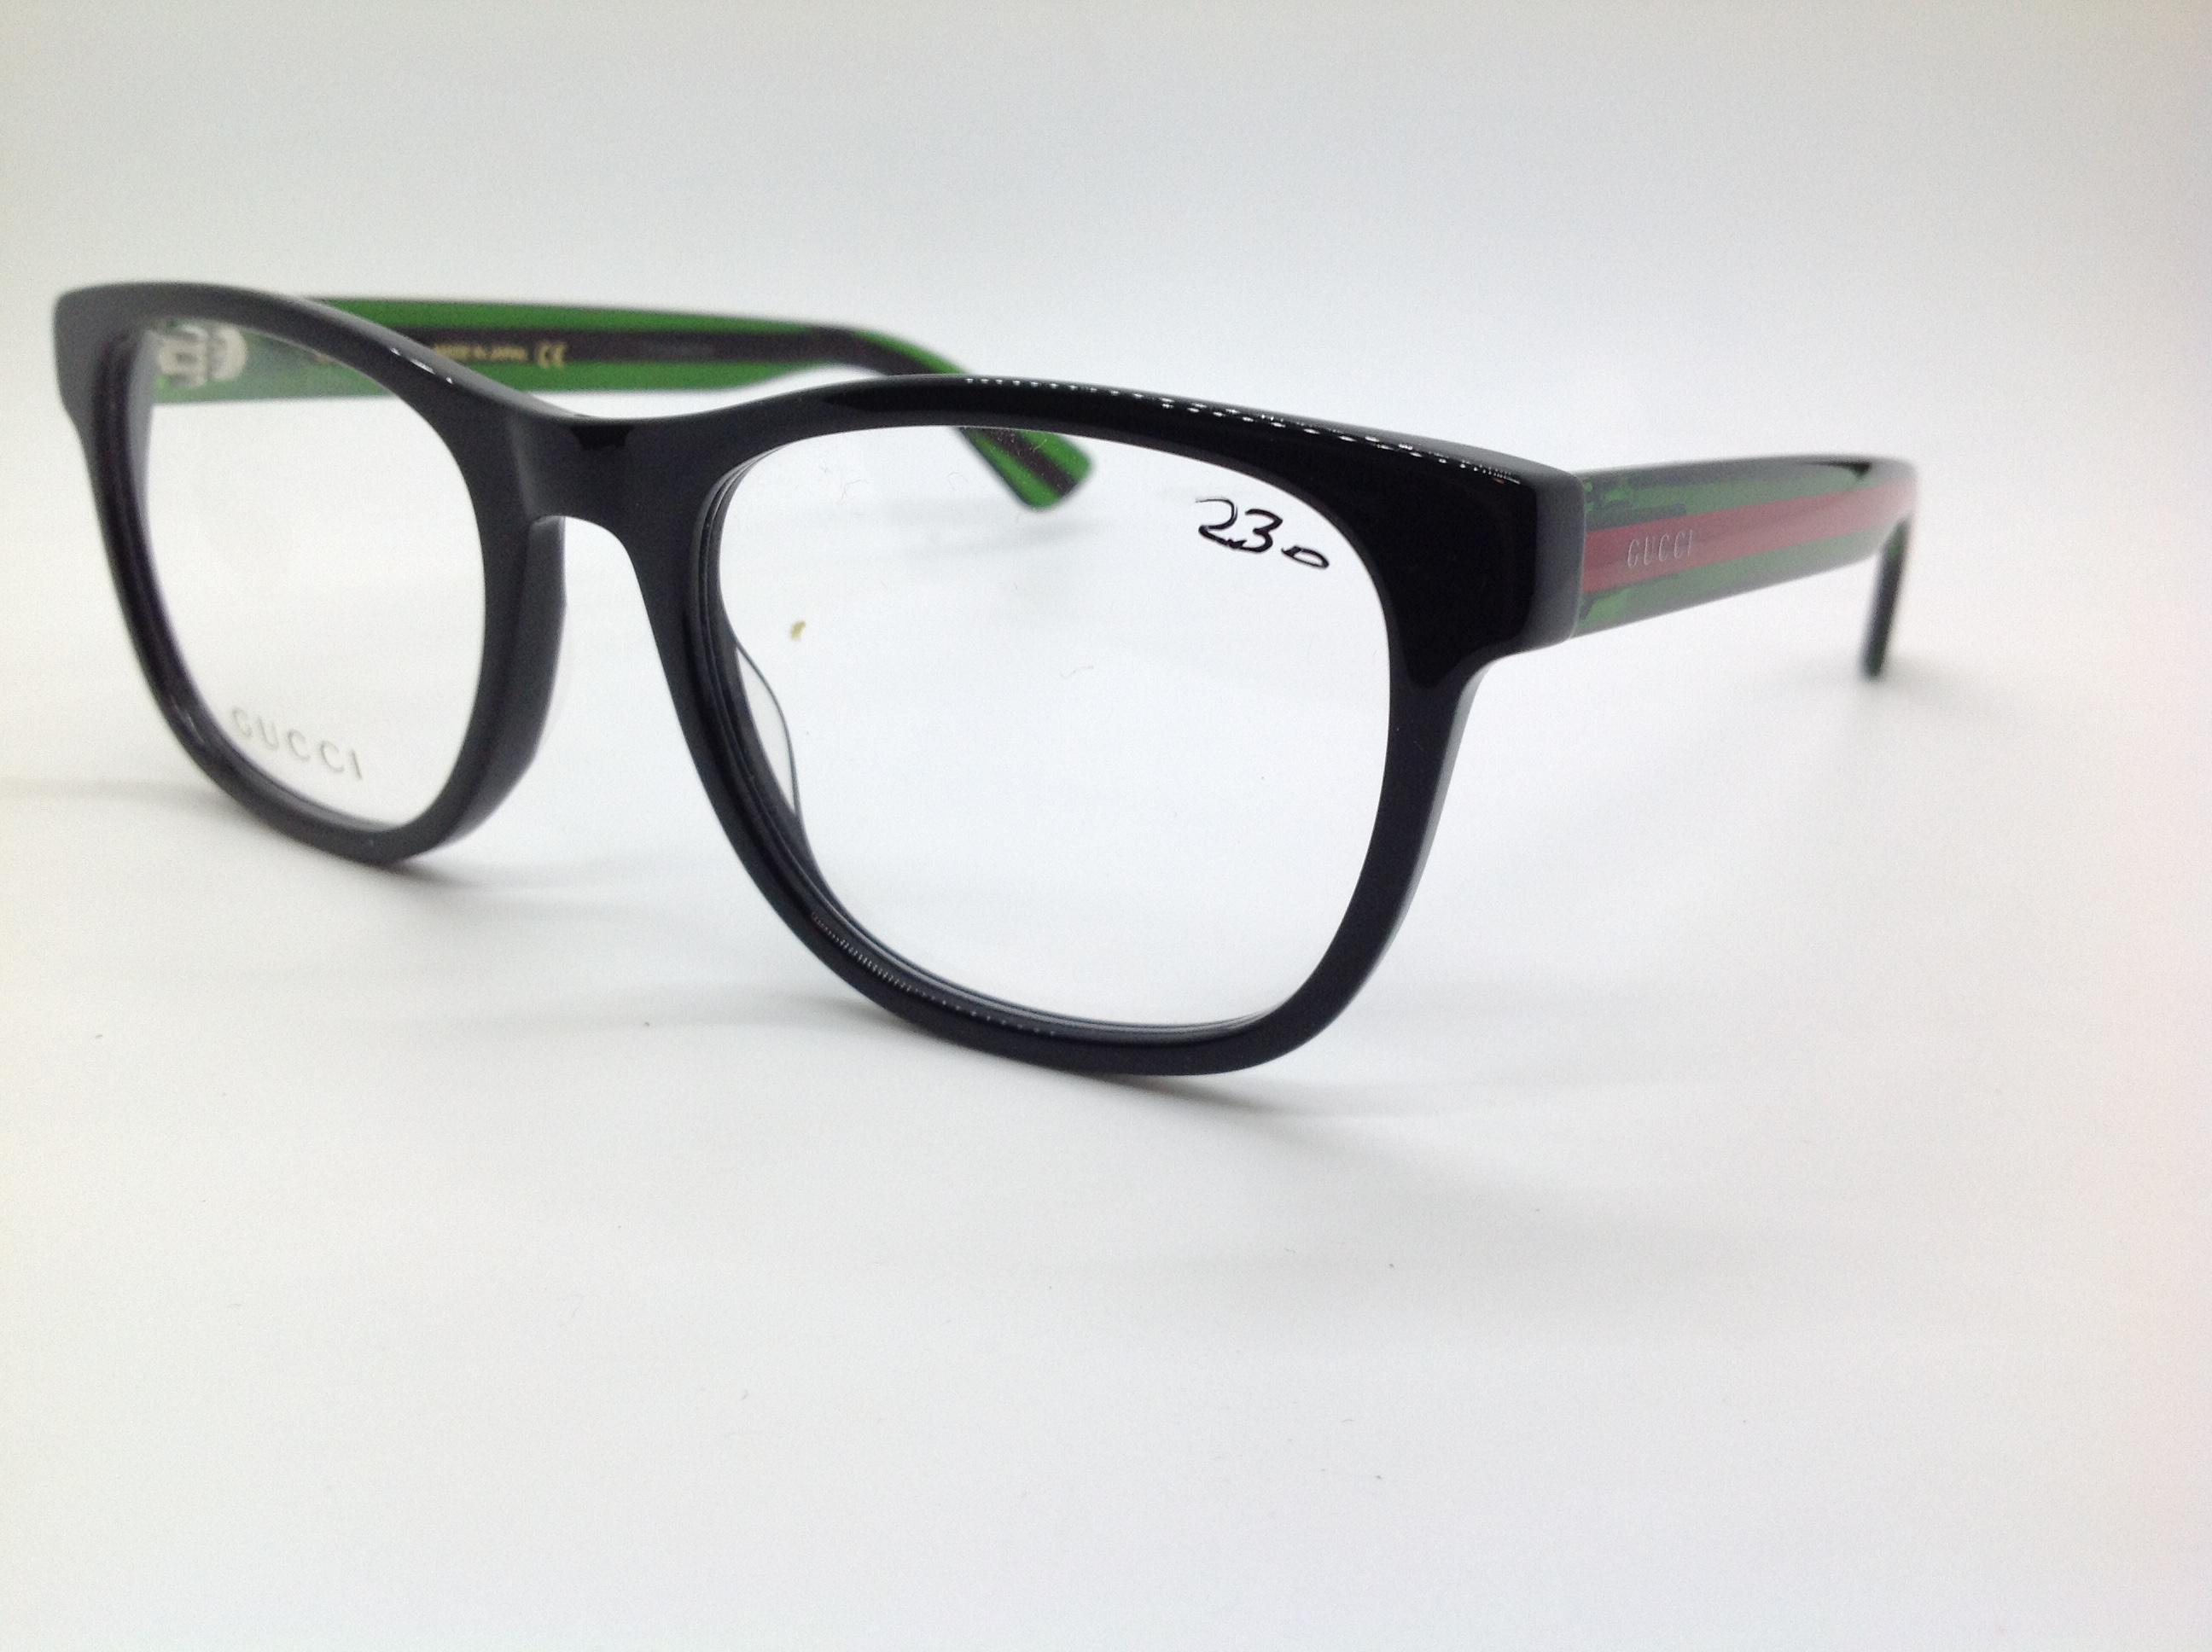 Occhiali da Vista Dolce & Gabbana DG 3291 (3174) GCK6j